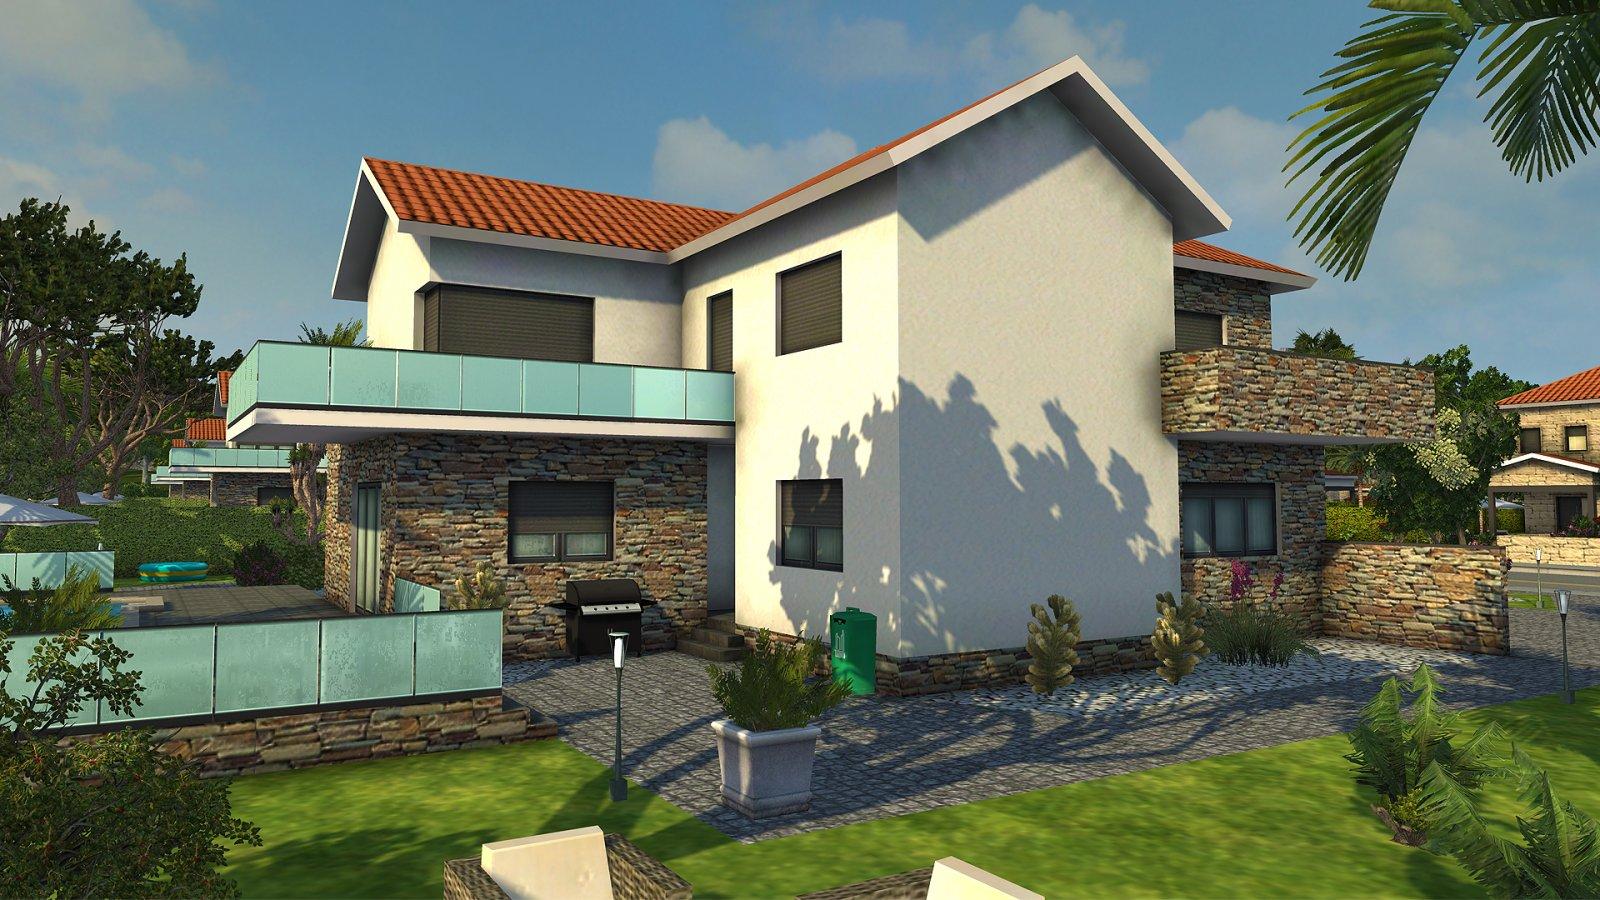 house2_3.jpg